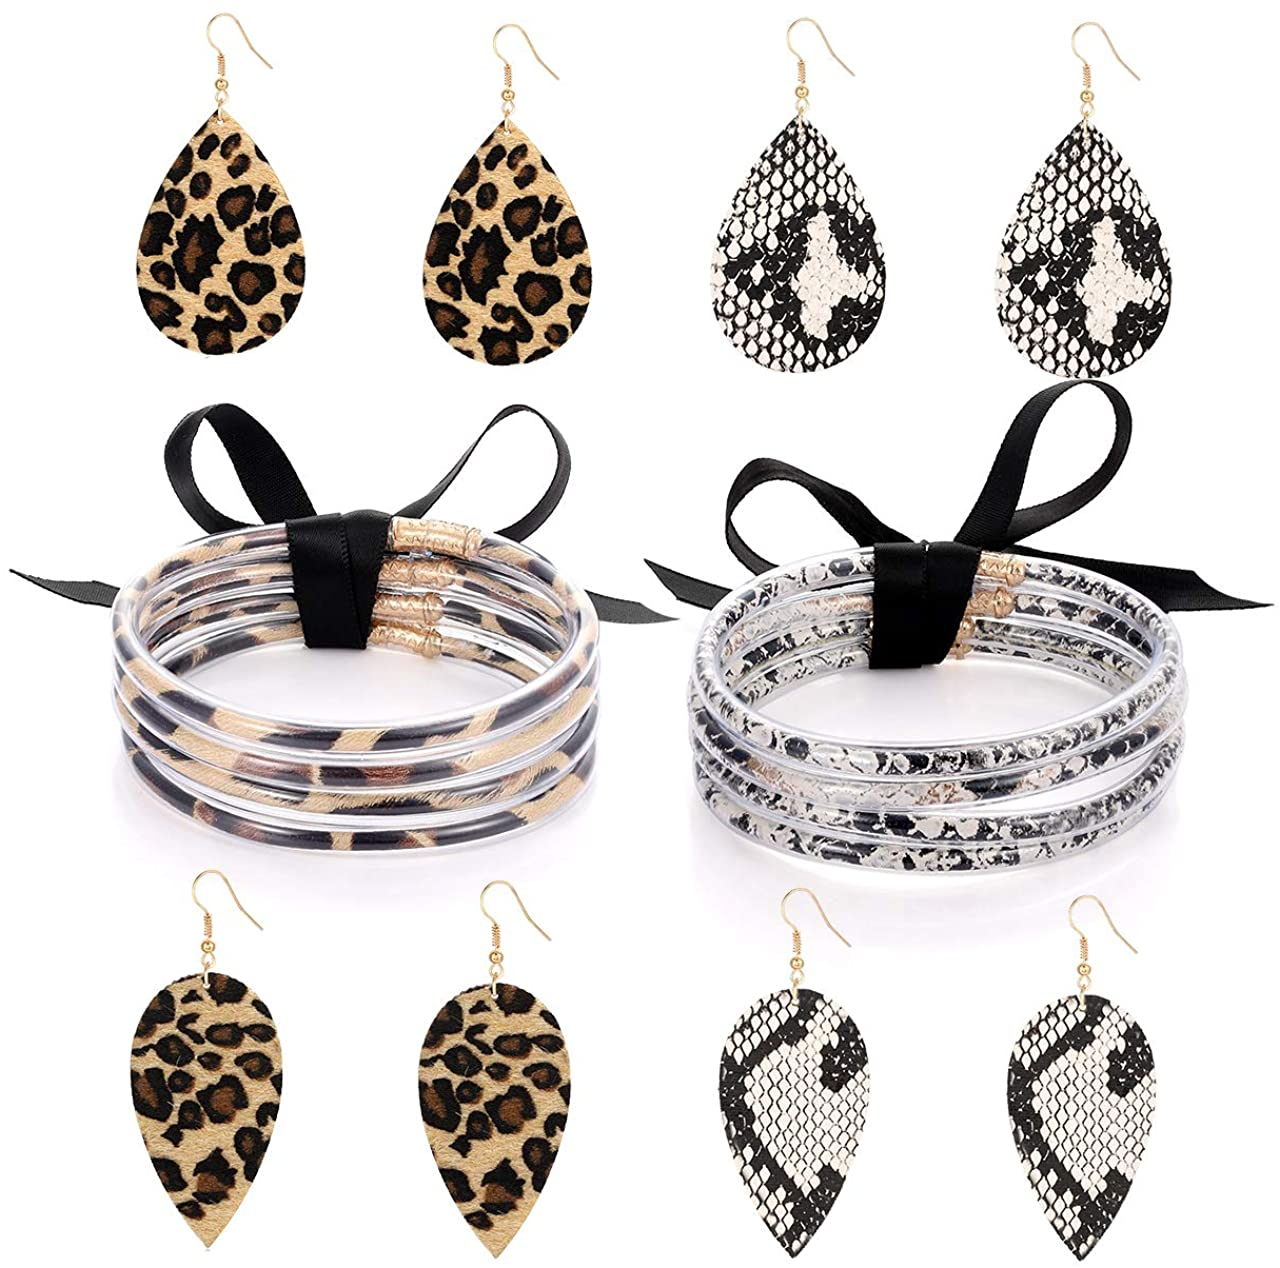 Leopard Print Bangle Bracelet Drop Earrings for Women Cheetah Leather Snakeskin Print Jewelry Set